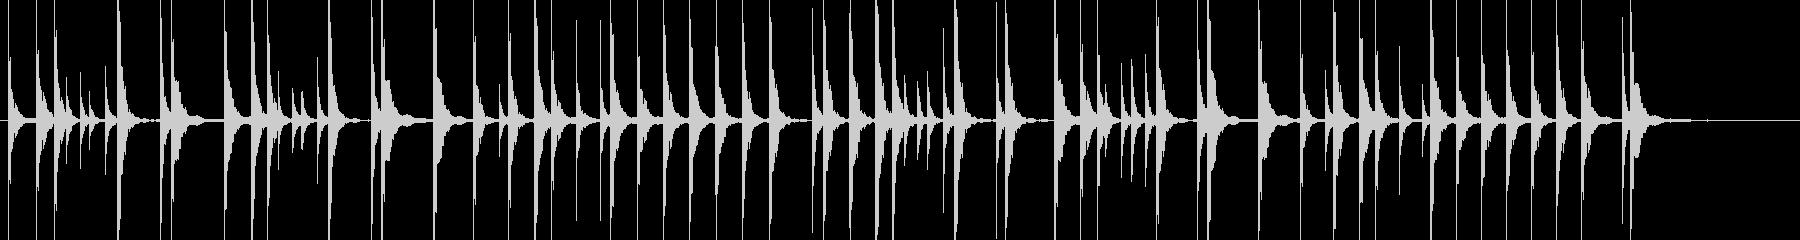 太鼓4四丁目投合江戸祭囃子下町神田歌舞伎の未再生の波形